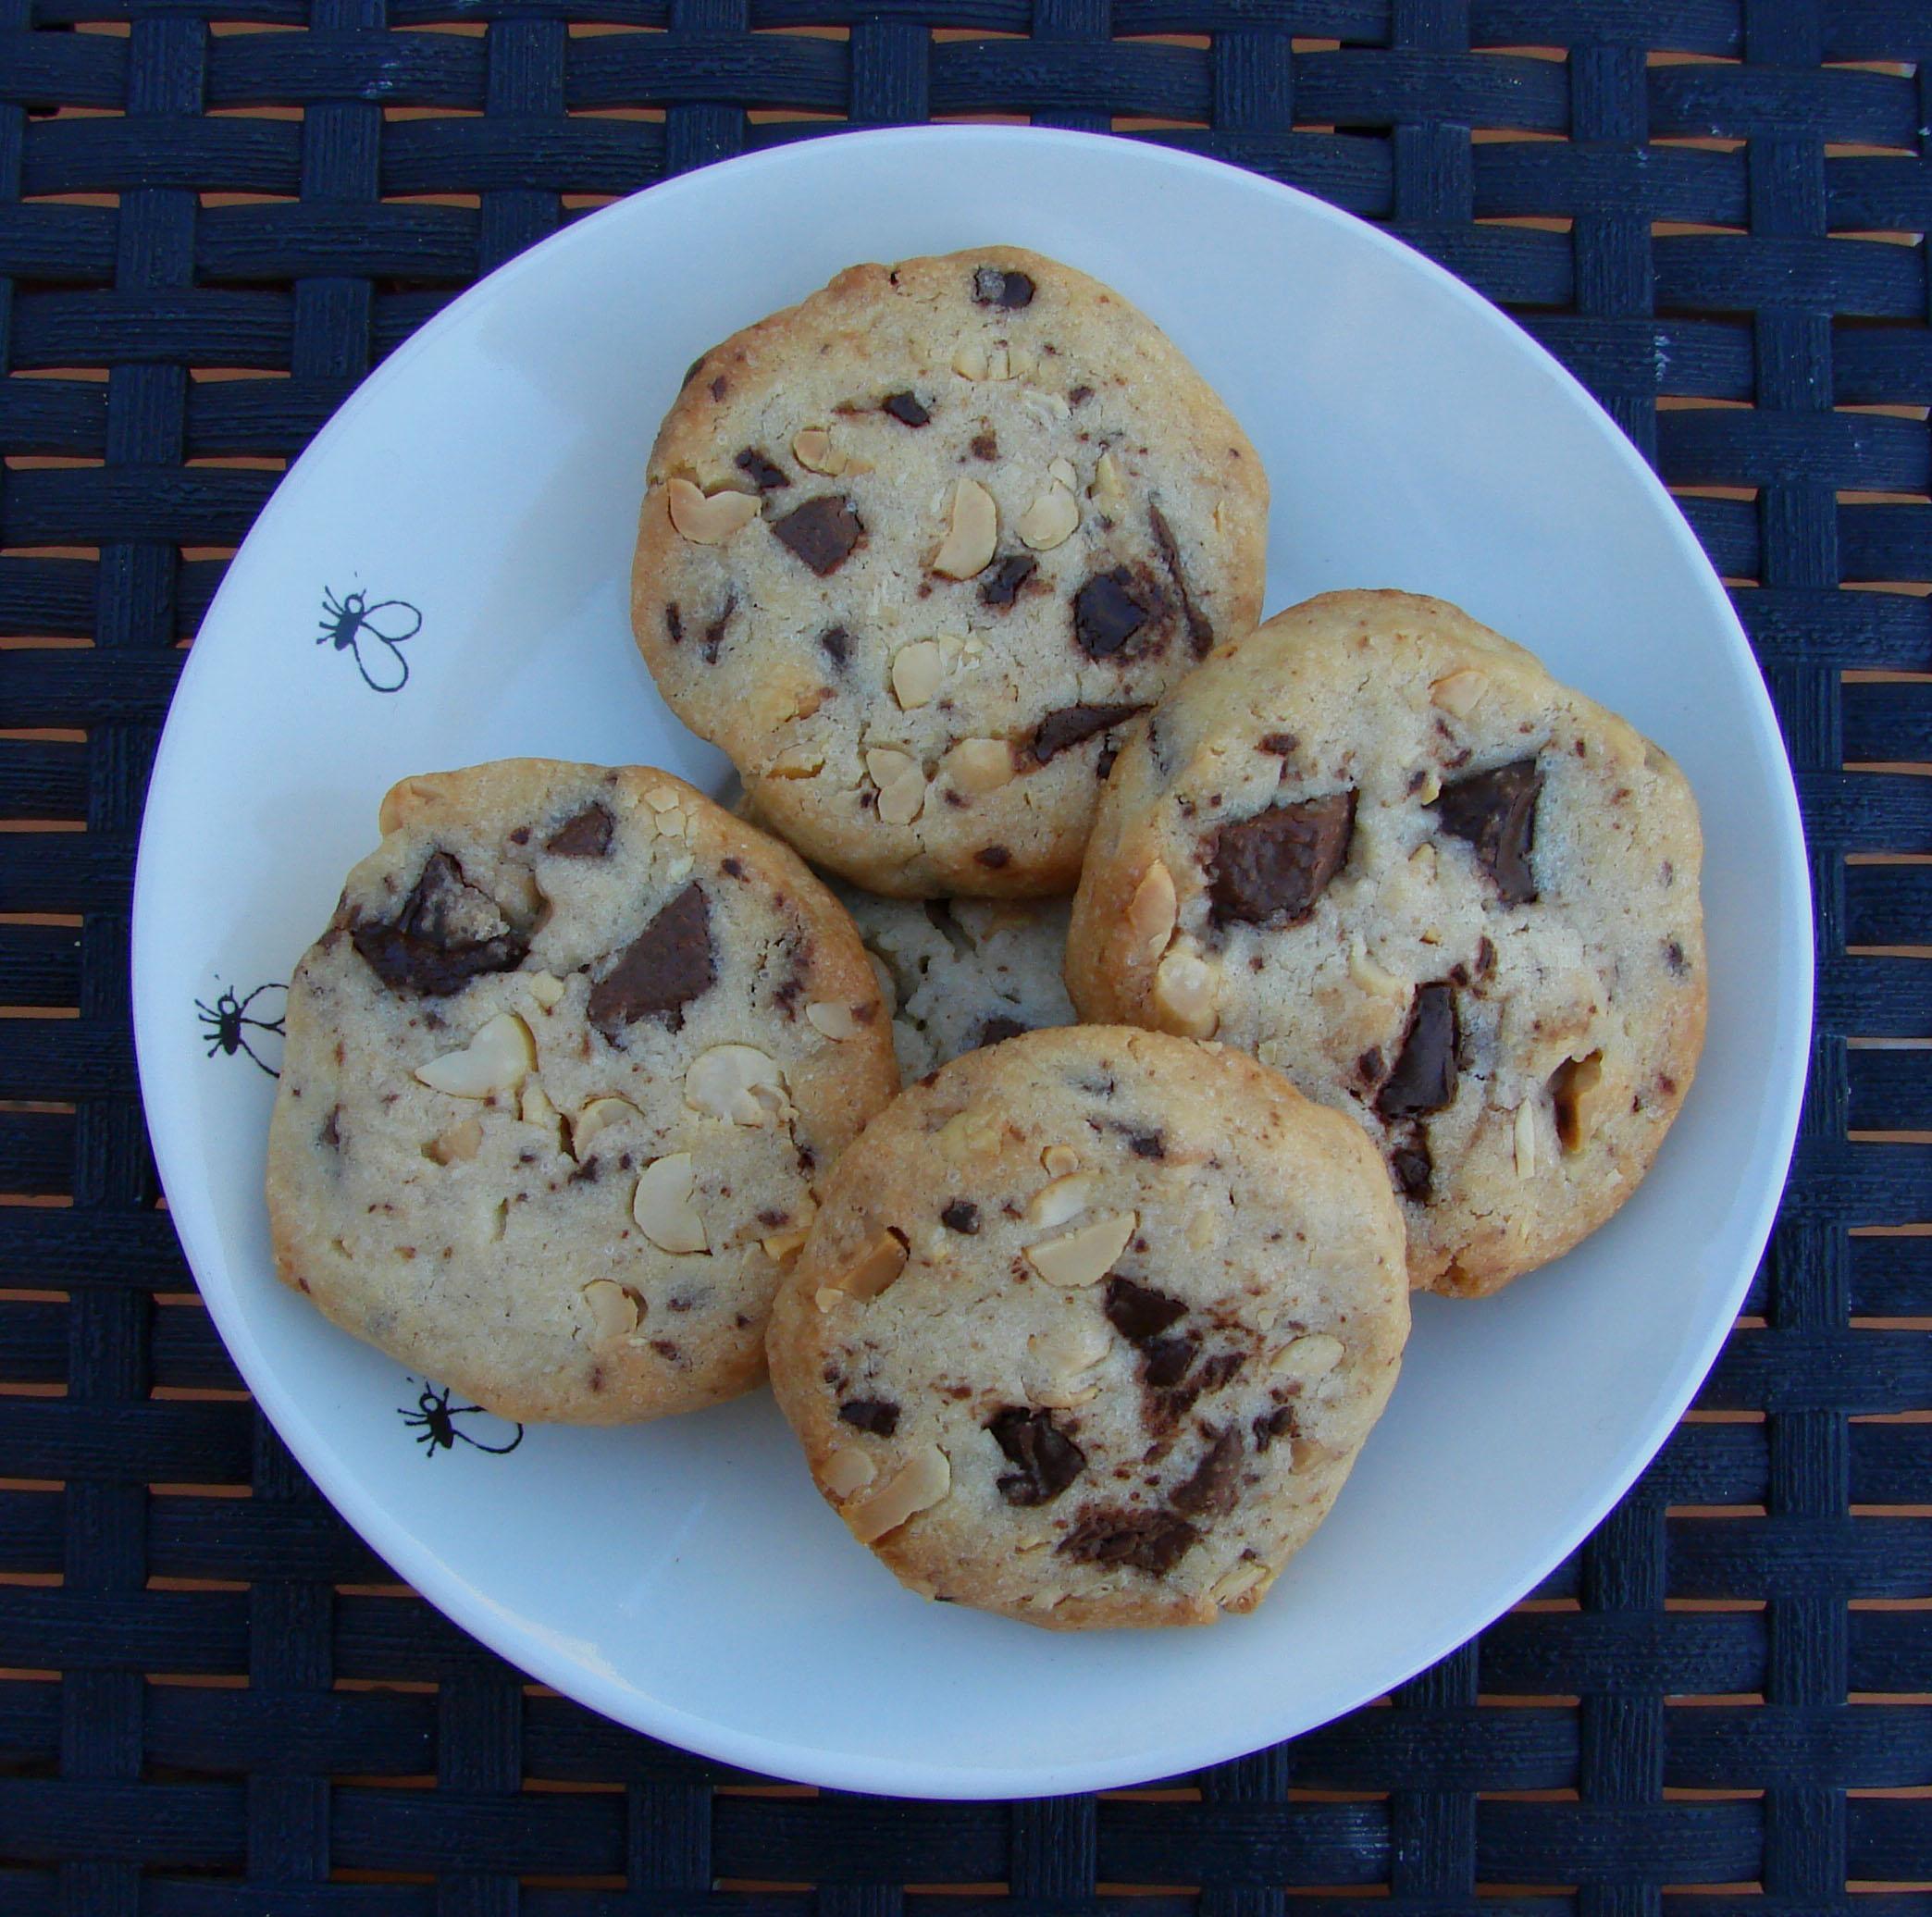 Batonnets Au Chocolat Et Aux Cacahuètes: Biscuits Aux Cacahuètes Et Pépites De Chocolat (grosses